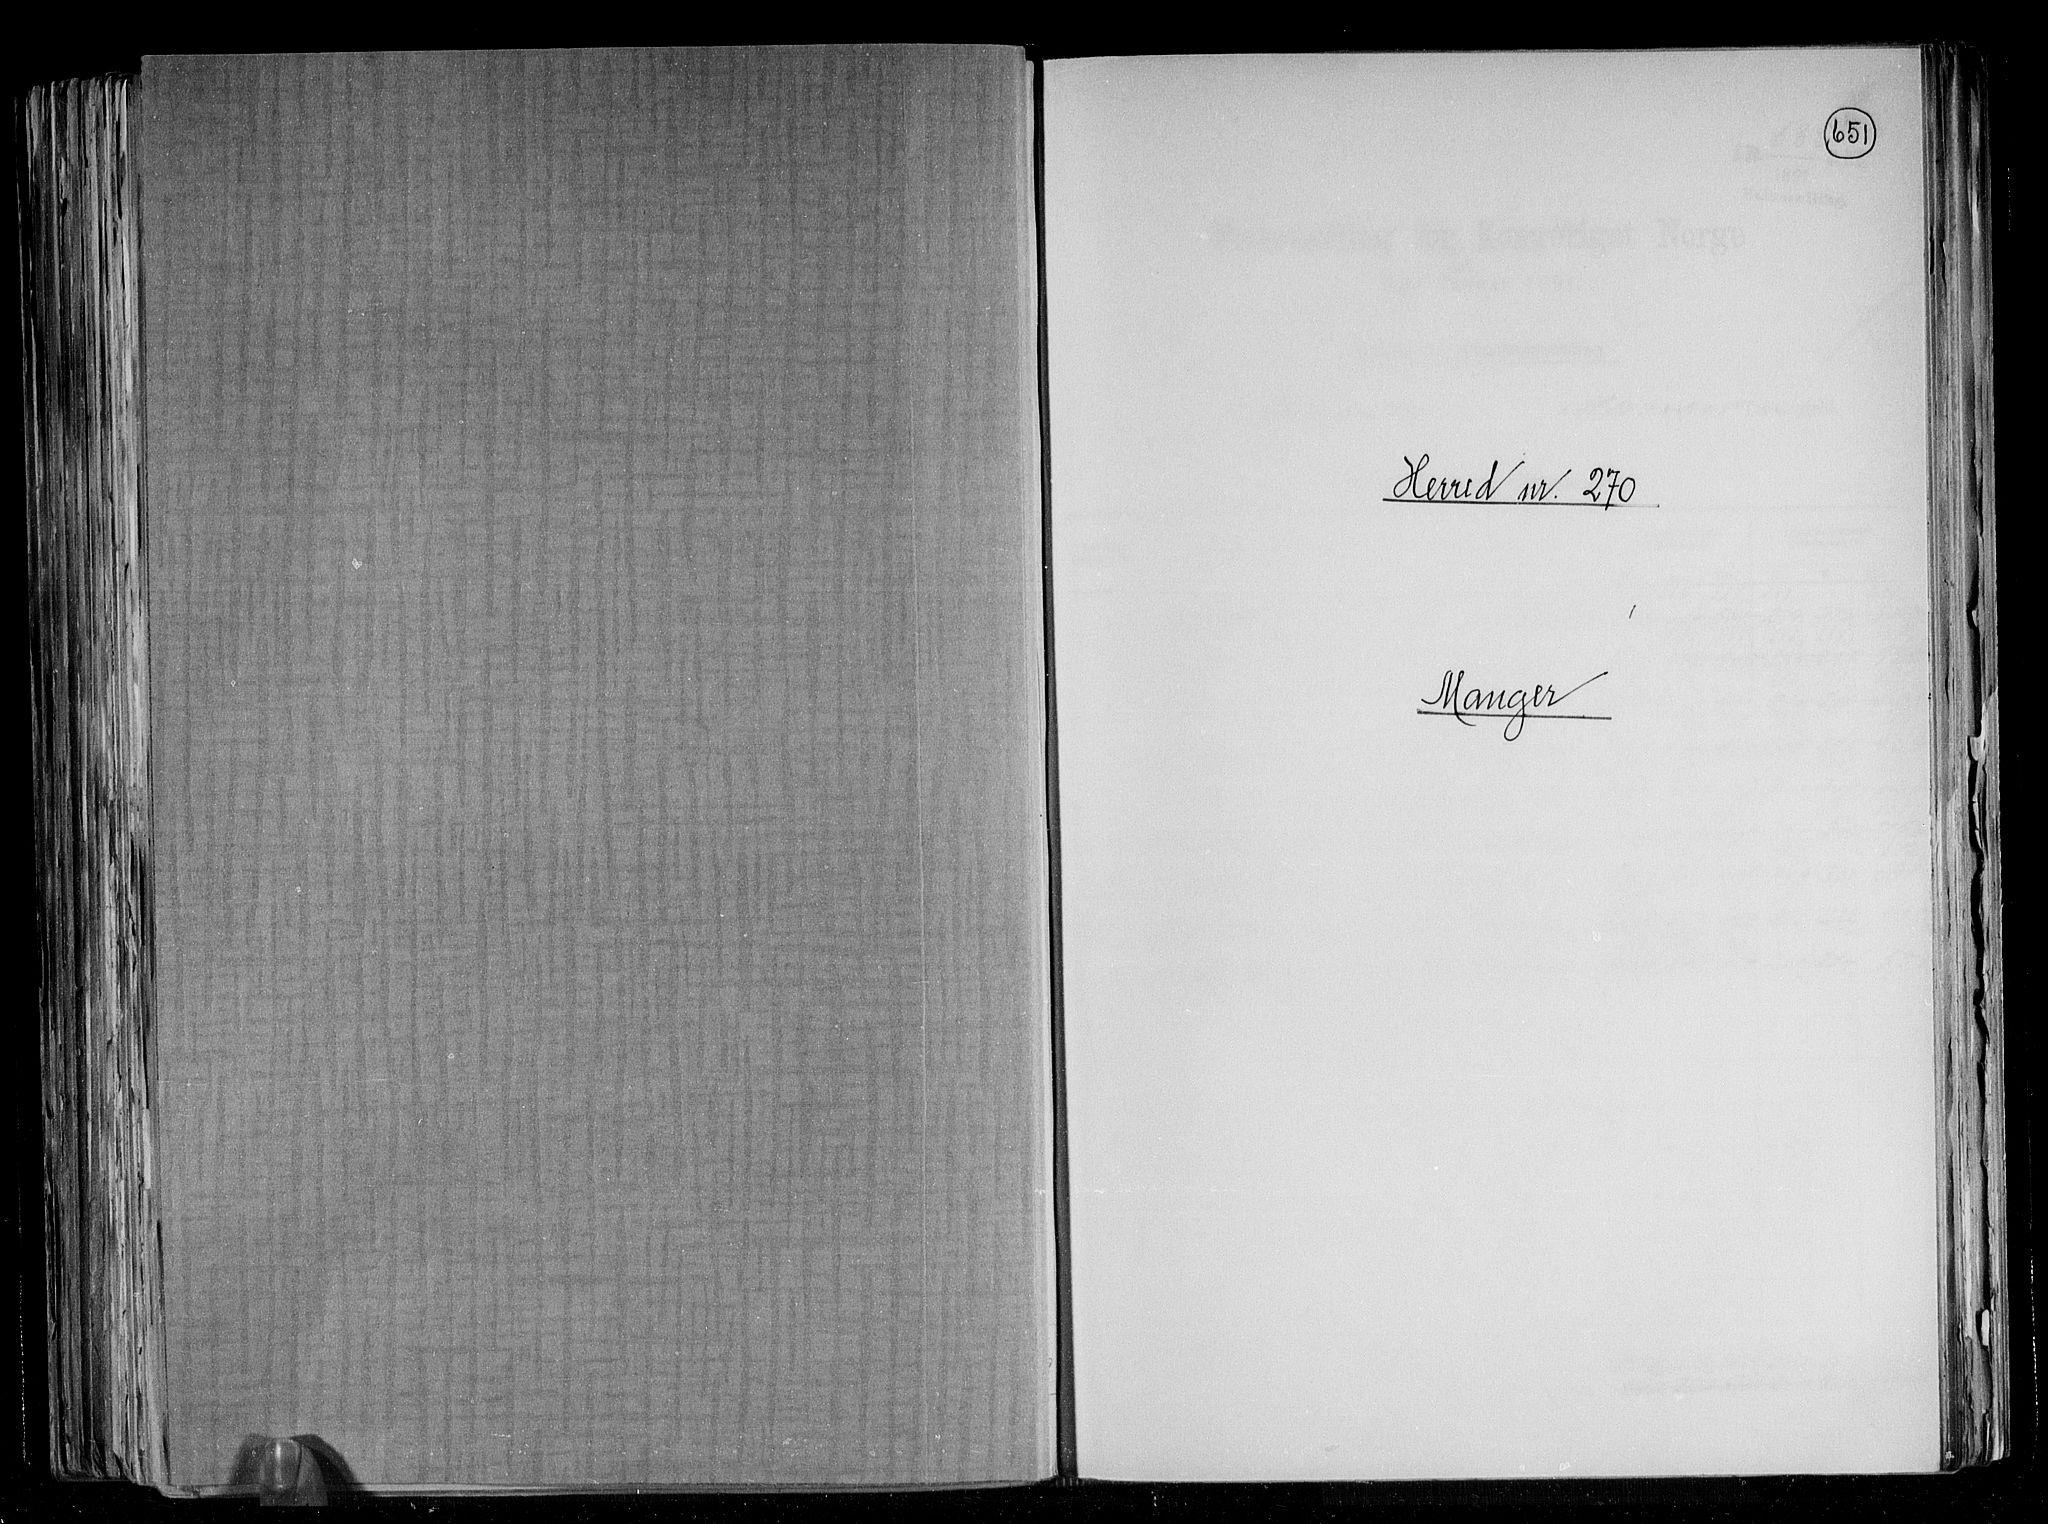 RA, Folketelling 1891 for 1261 Manger herred, 1891, s. 1